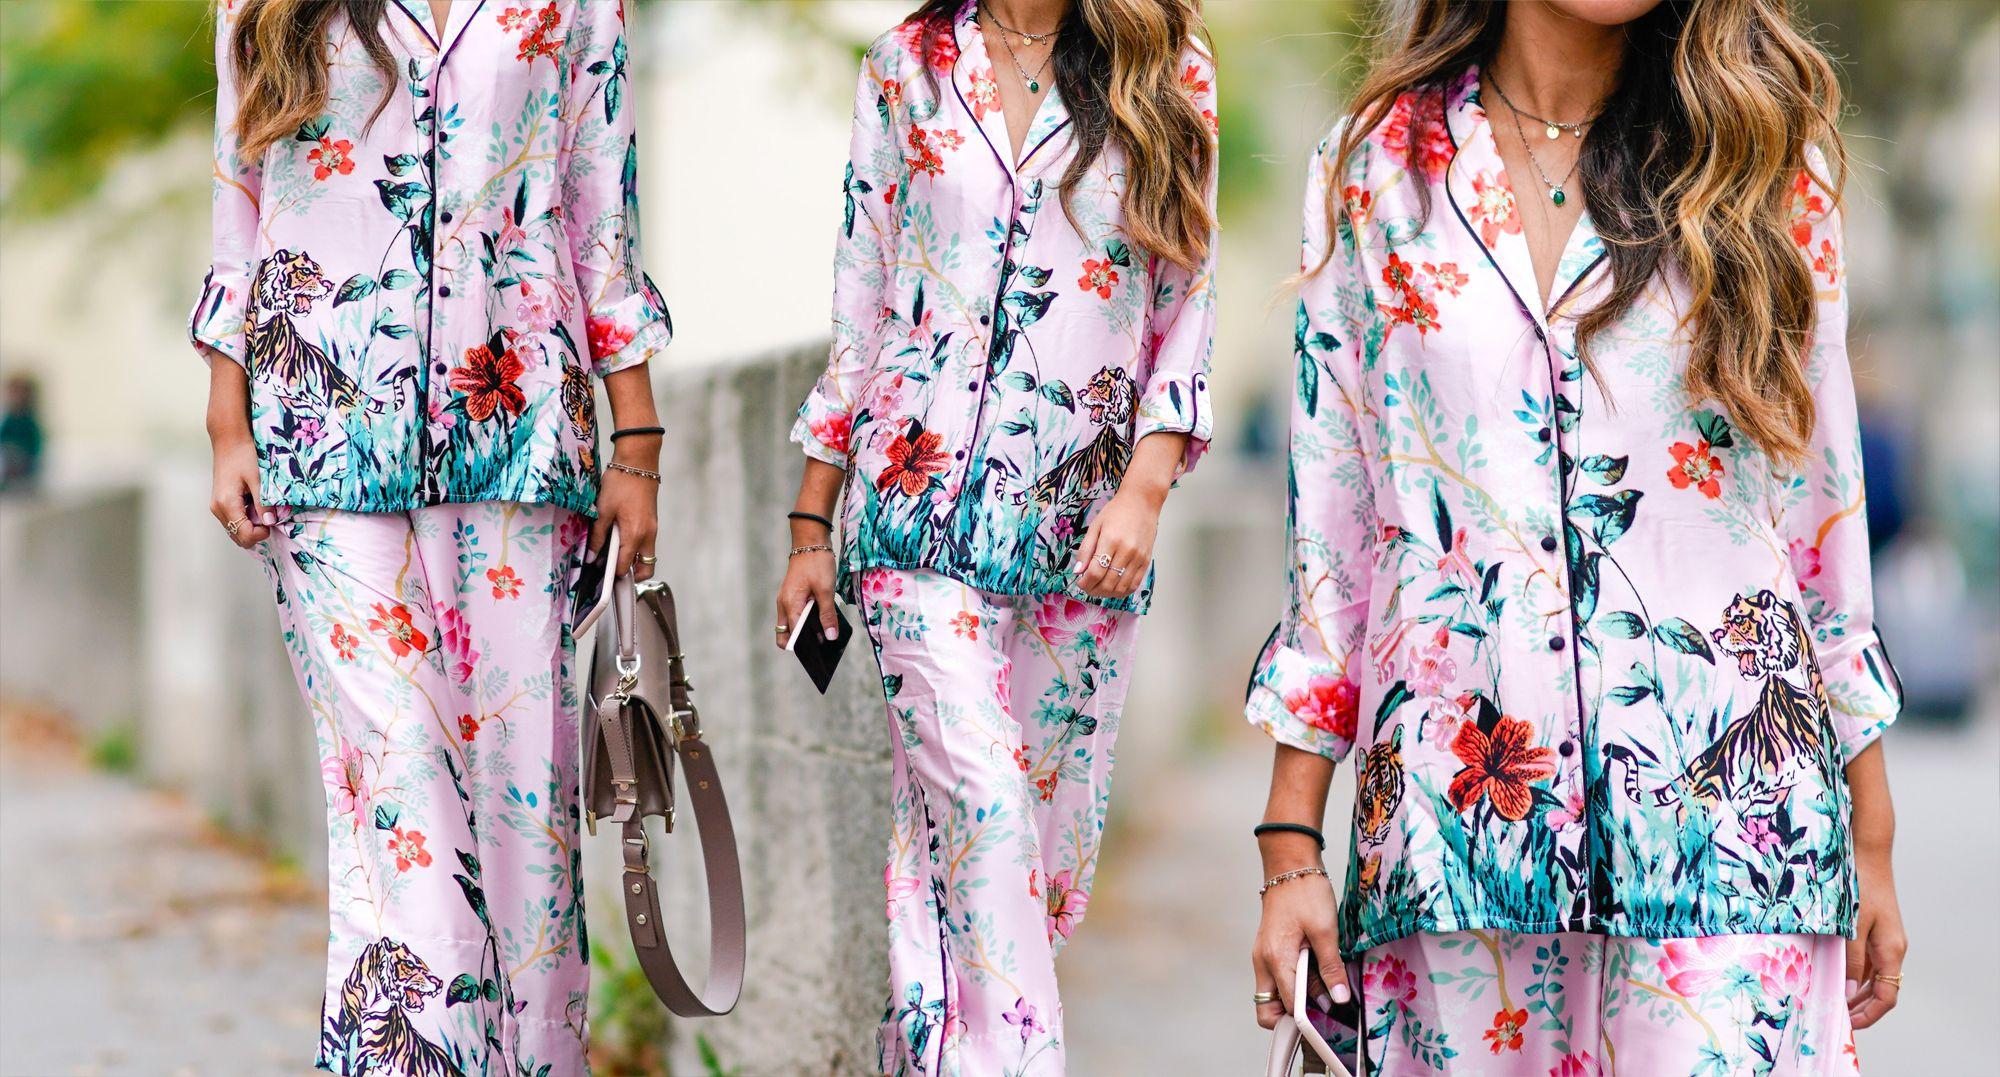 Ufficio Stile Moda : Tendenze moda estate 2018: i 18 look chiave più cool